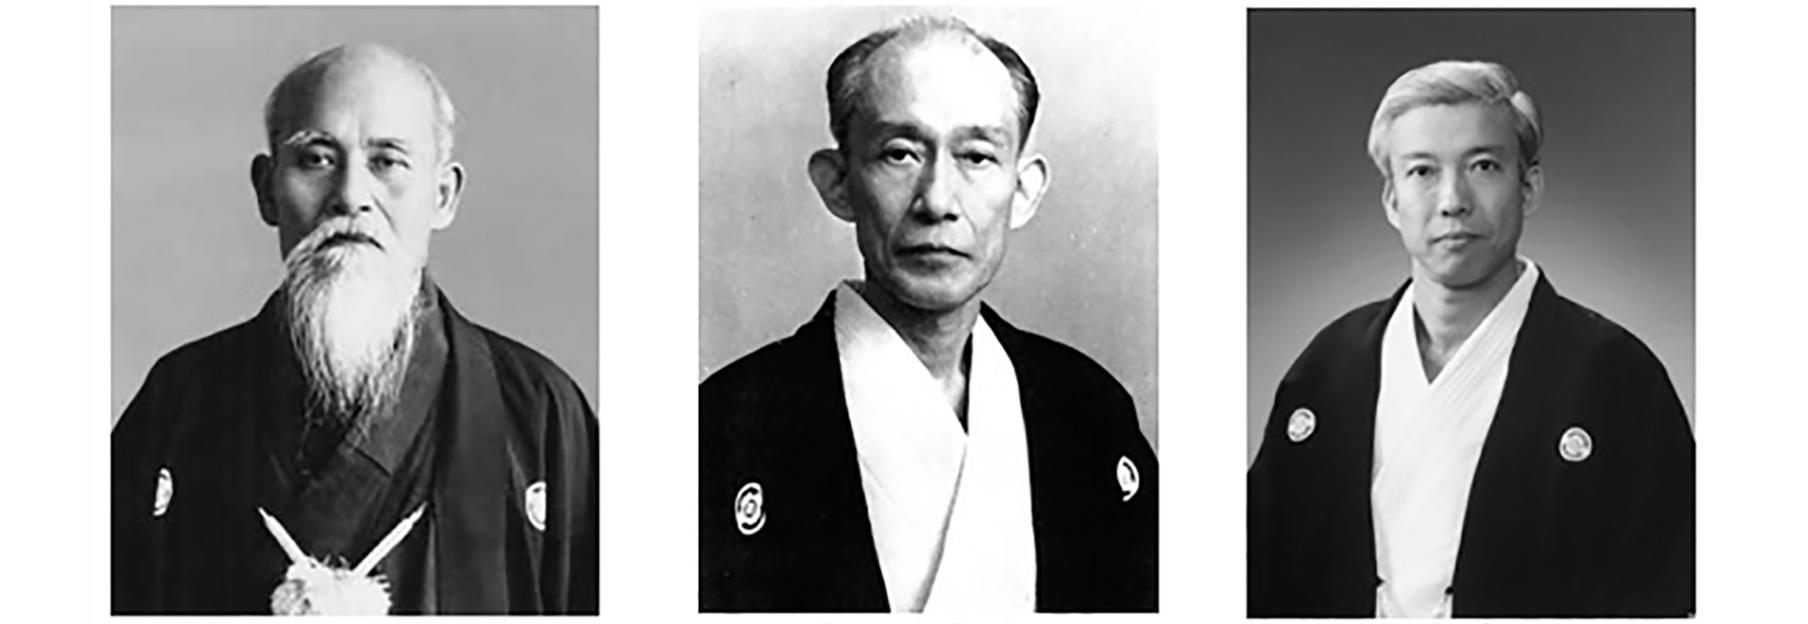 In ordine da sinistra: O Sensei Ueshiba Morihei, suo figlio Ueshiba Kisshomaru e Ueshiba Moriteru (attuale Doshu)